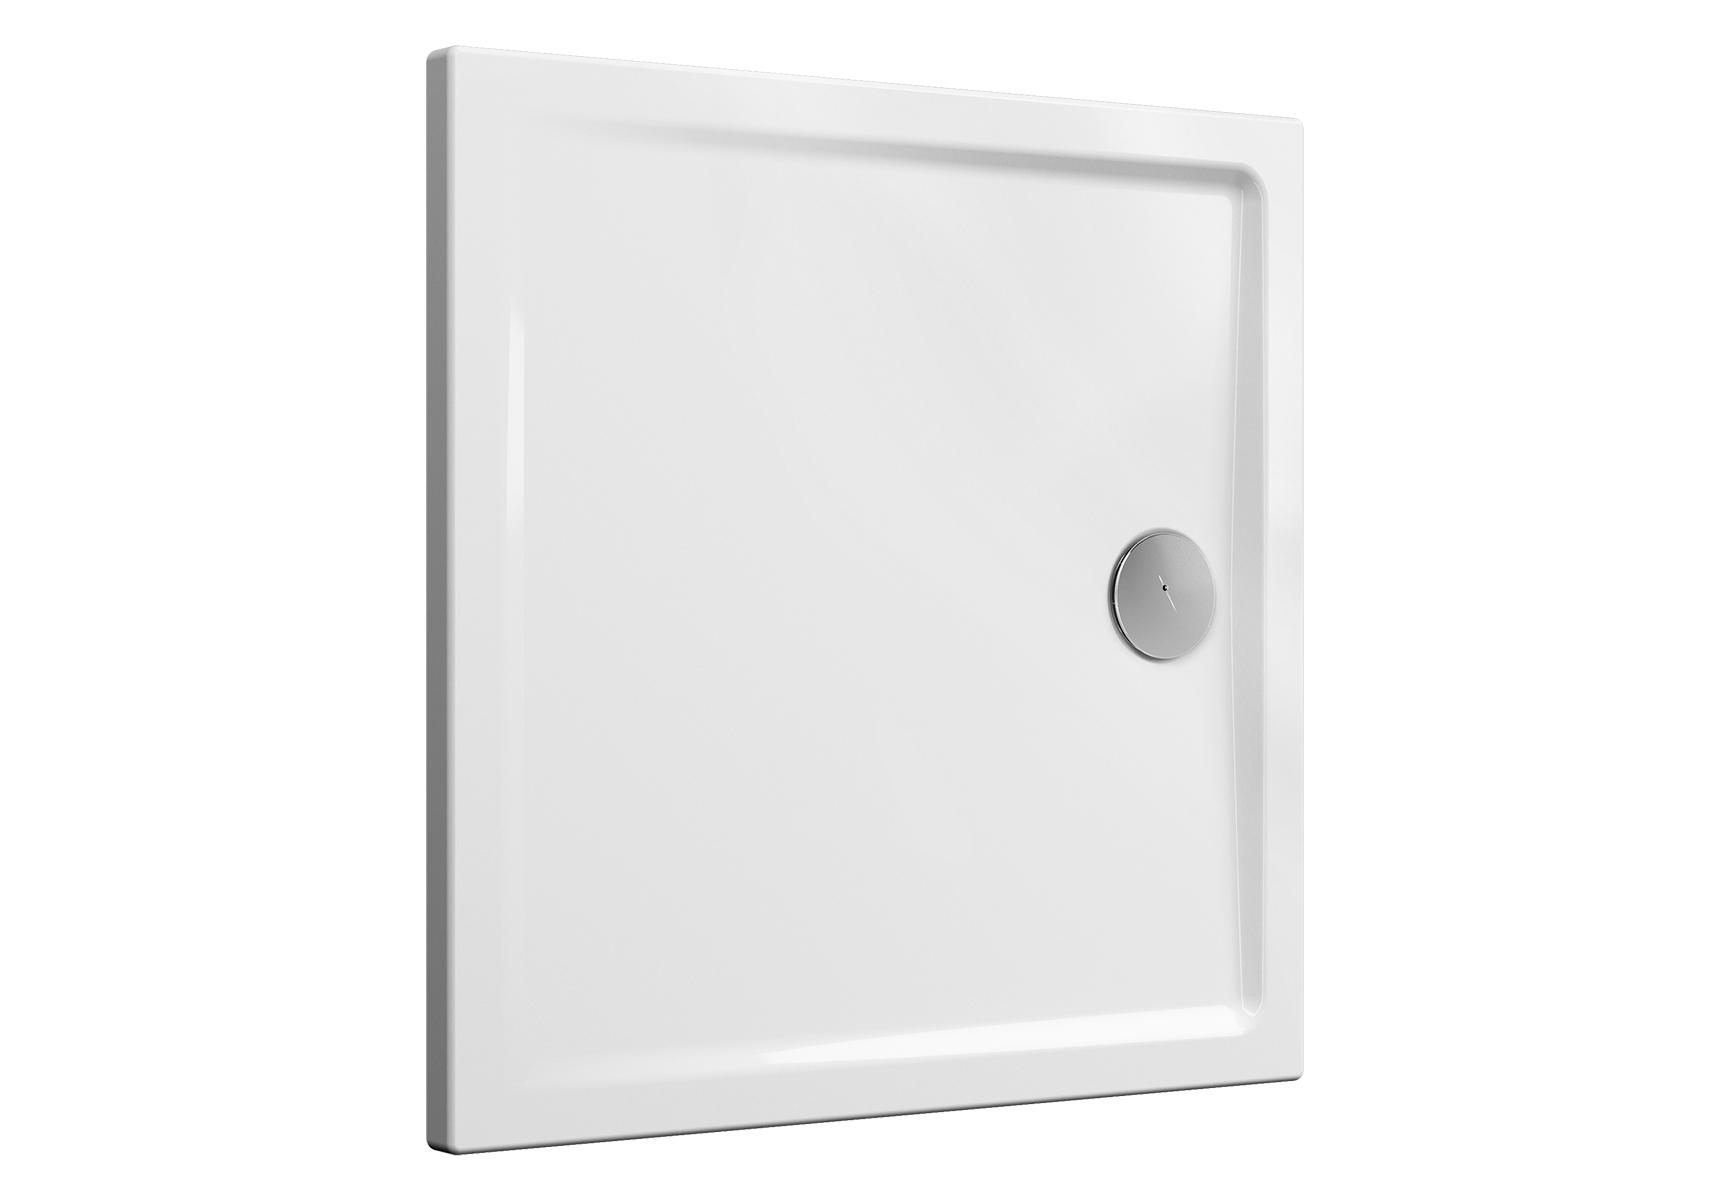 Cascade receveur ultra plat en céramique, 90 cm, carré, blanc mat